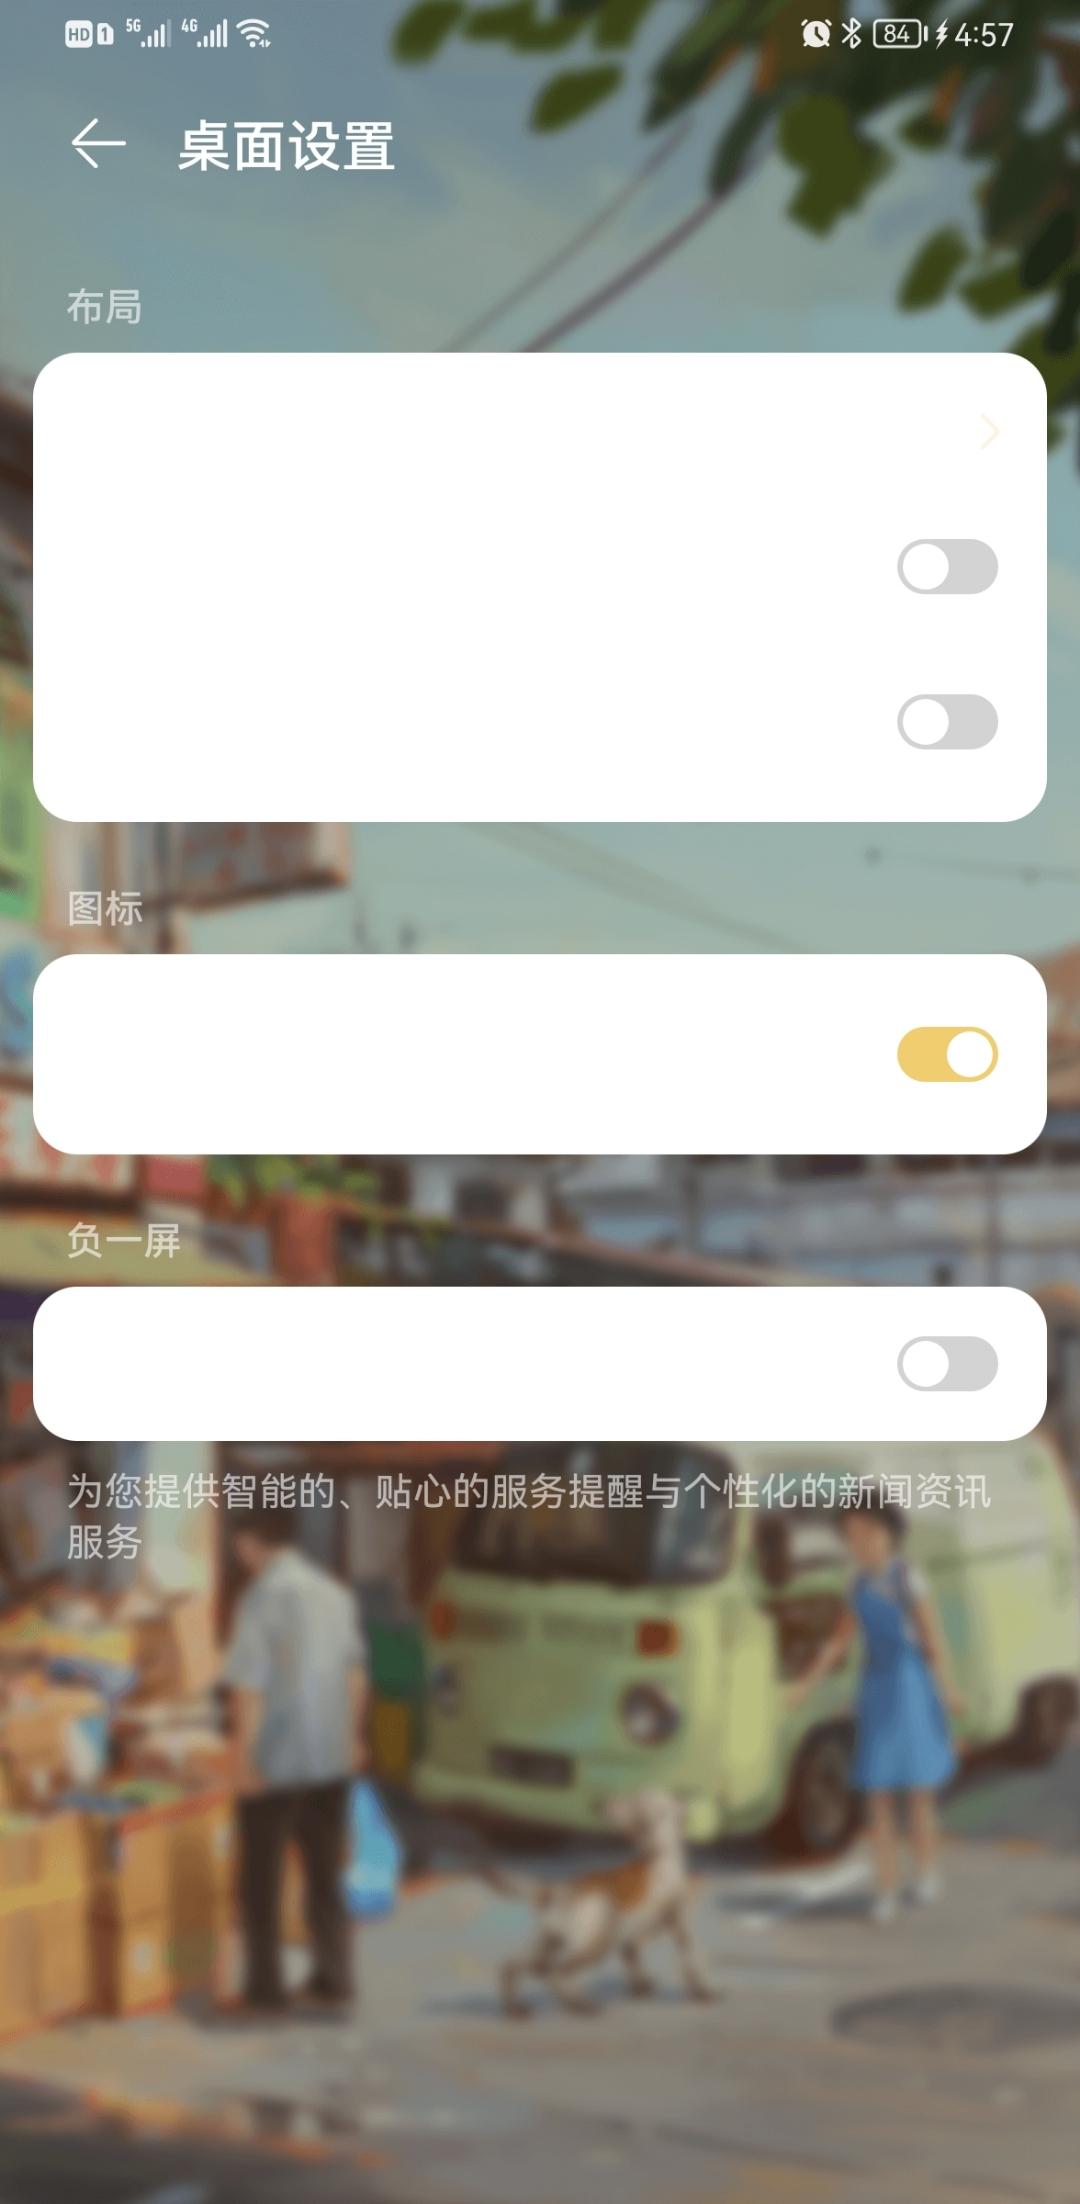 Screenshot_20210603_165750_com.huawei.android.launcher.jpg